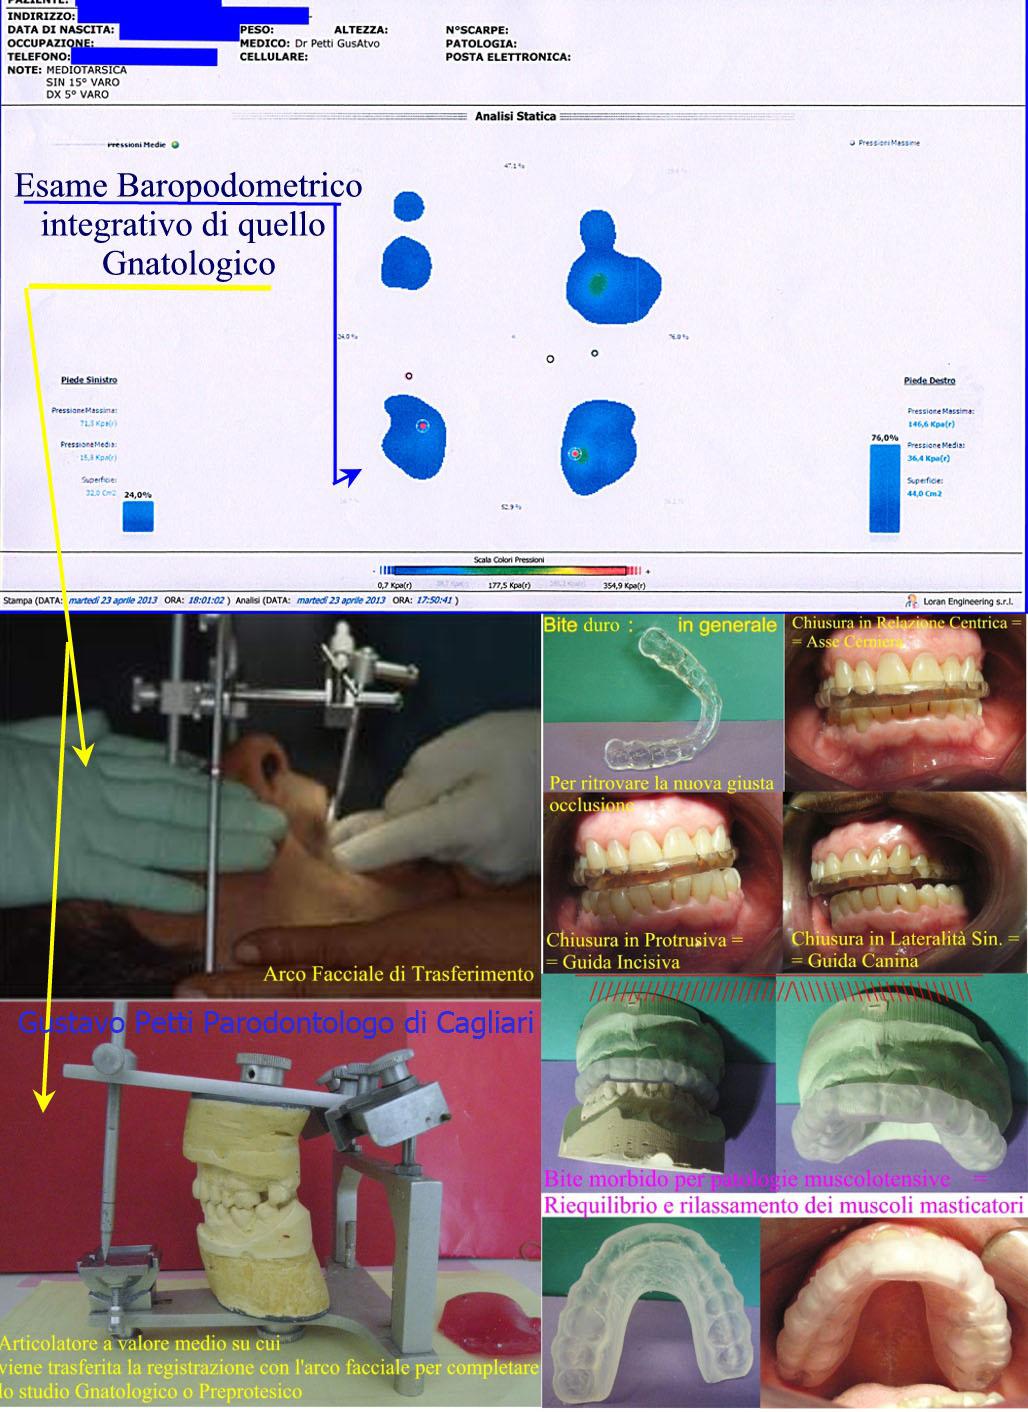 analisi-gnatologica-dr-g.petti-cagliari-93.jpg